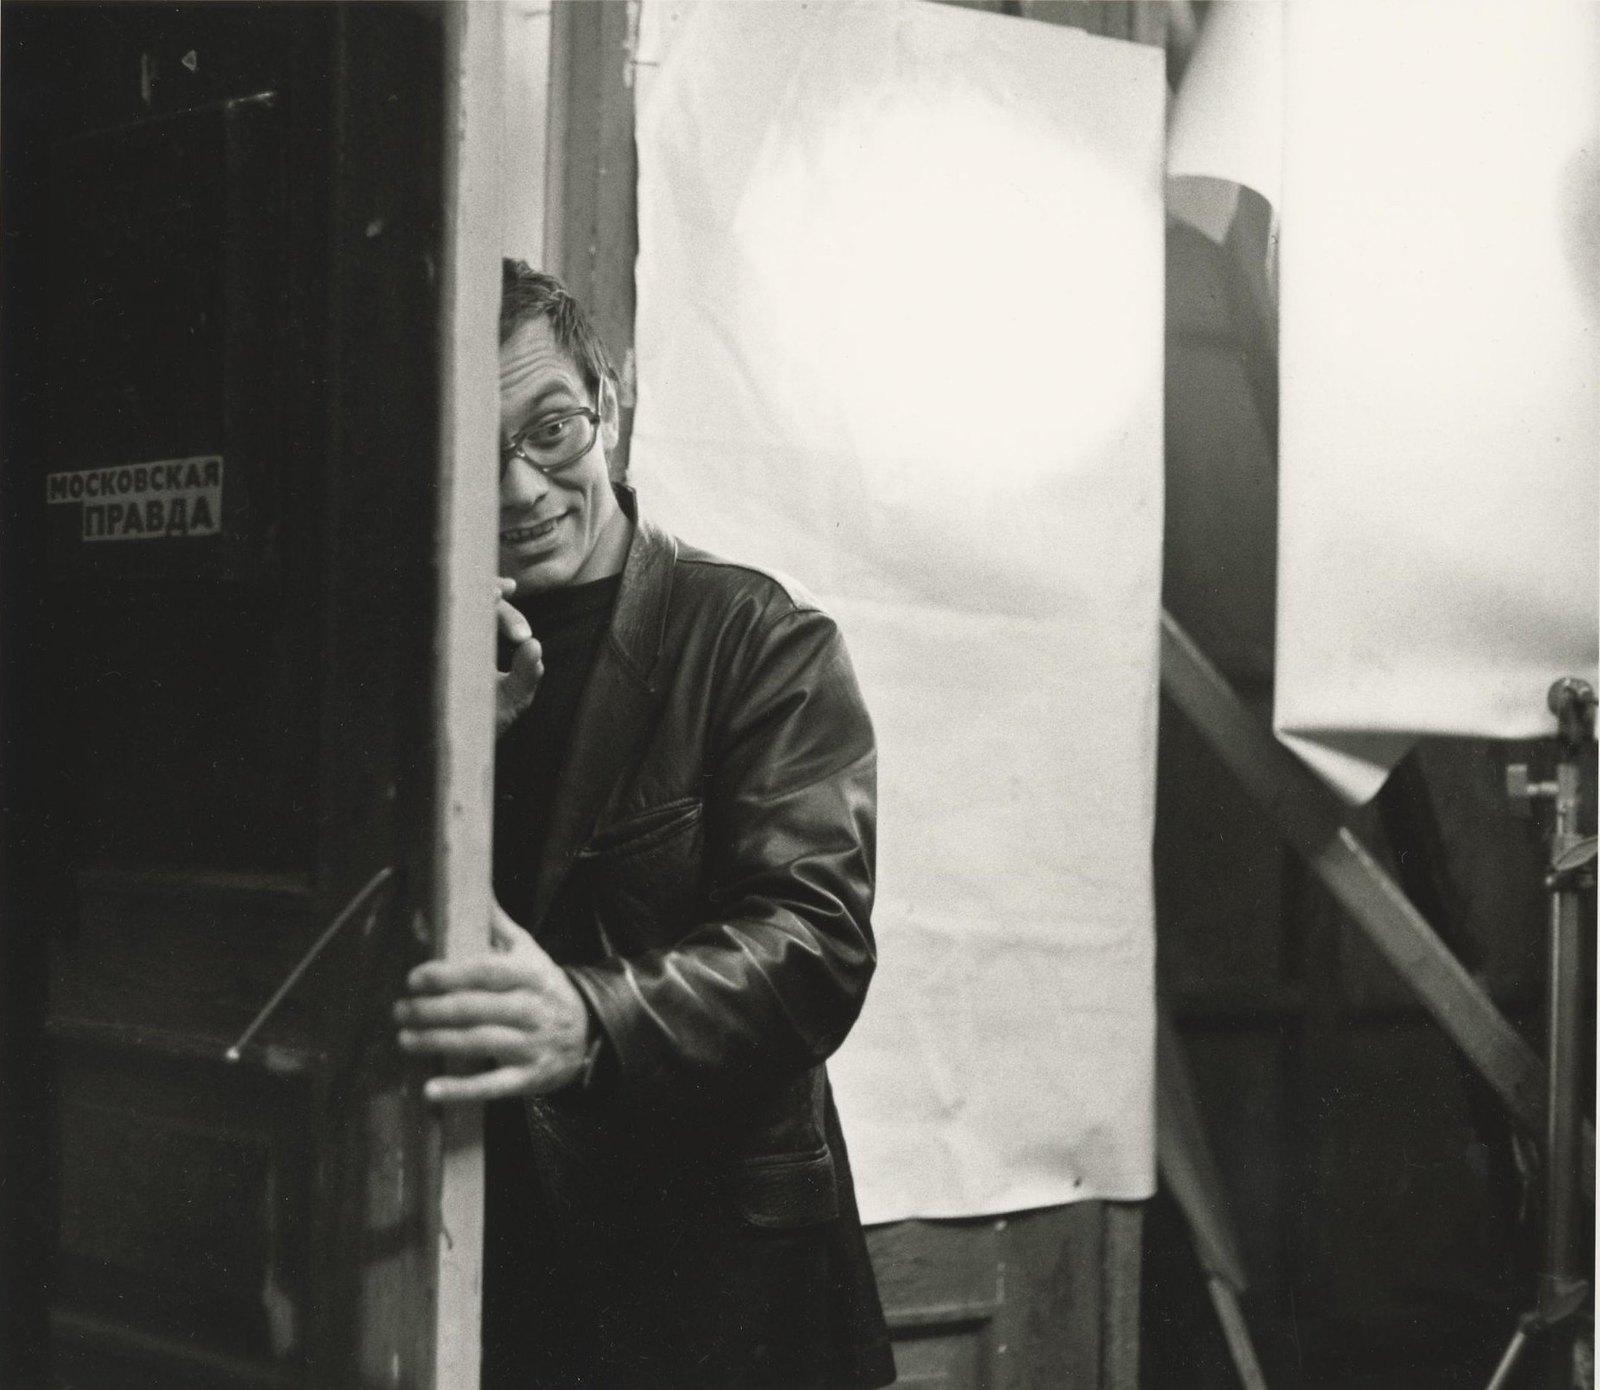 1973. Андрей Михалков-Кончаловский на съемках фильма «Романс о влюбленных»